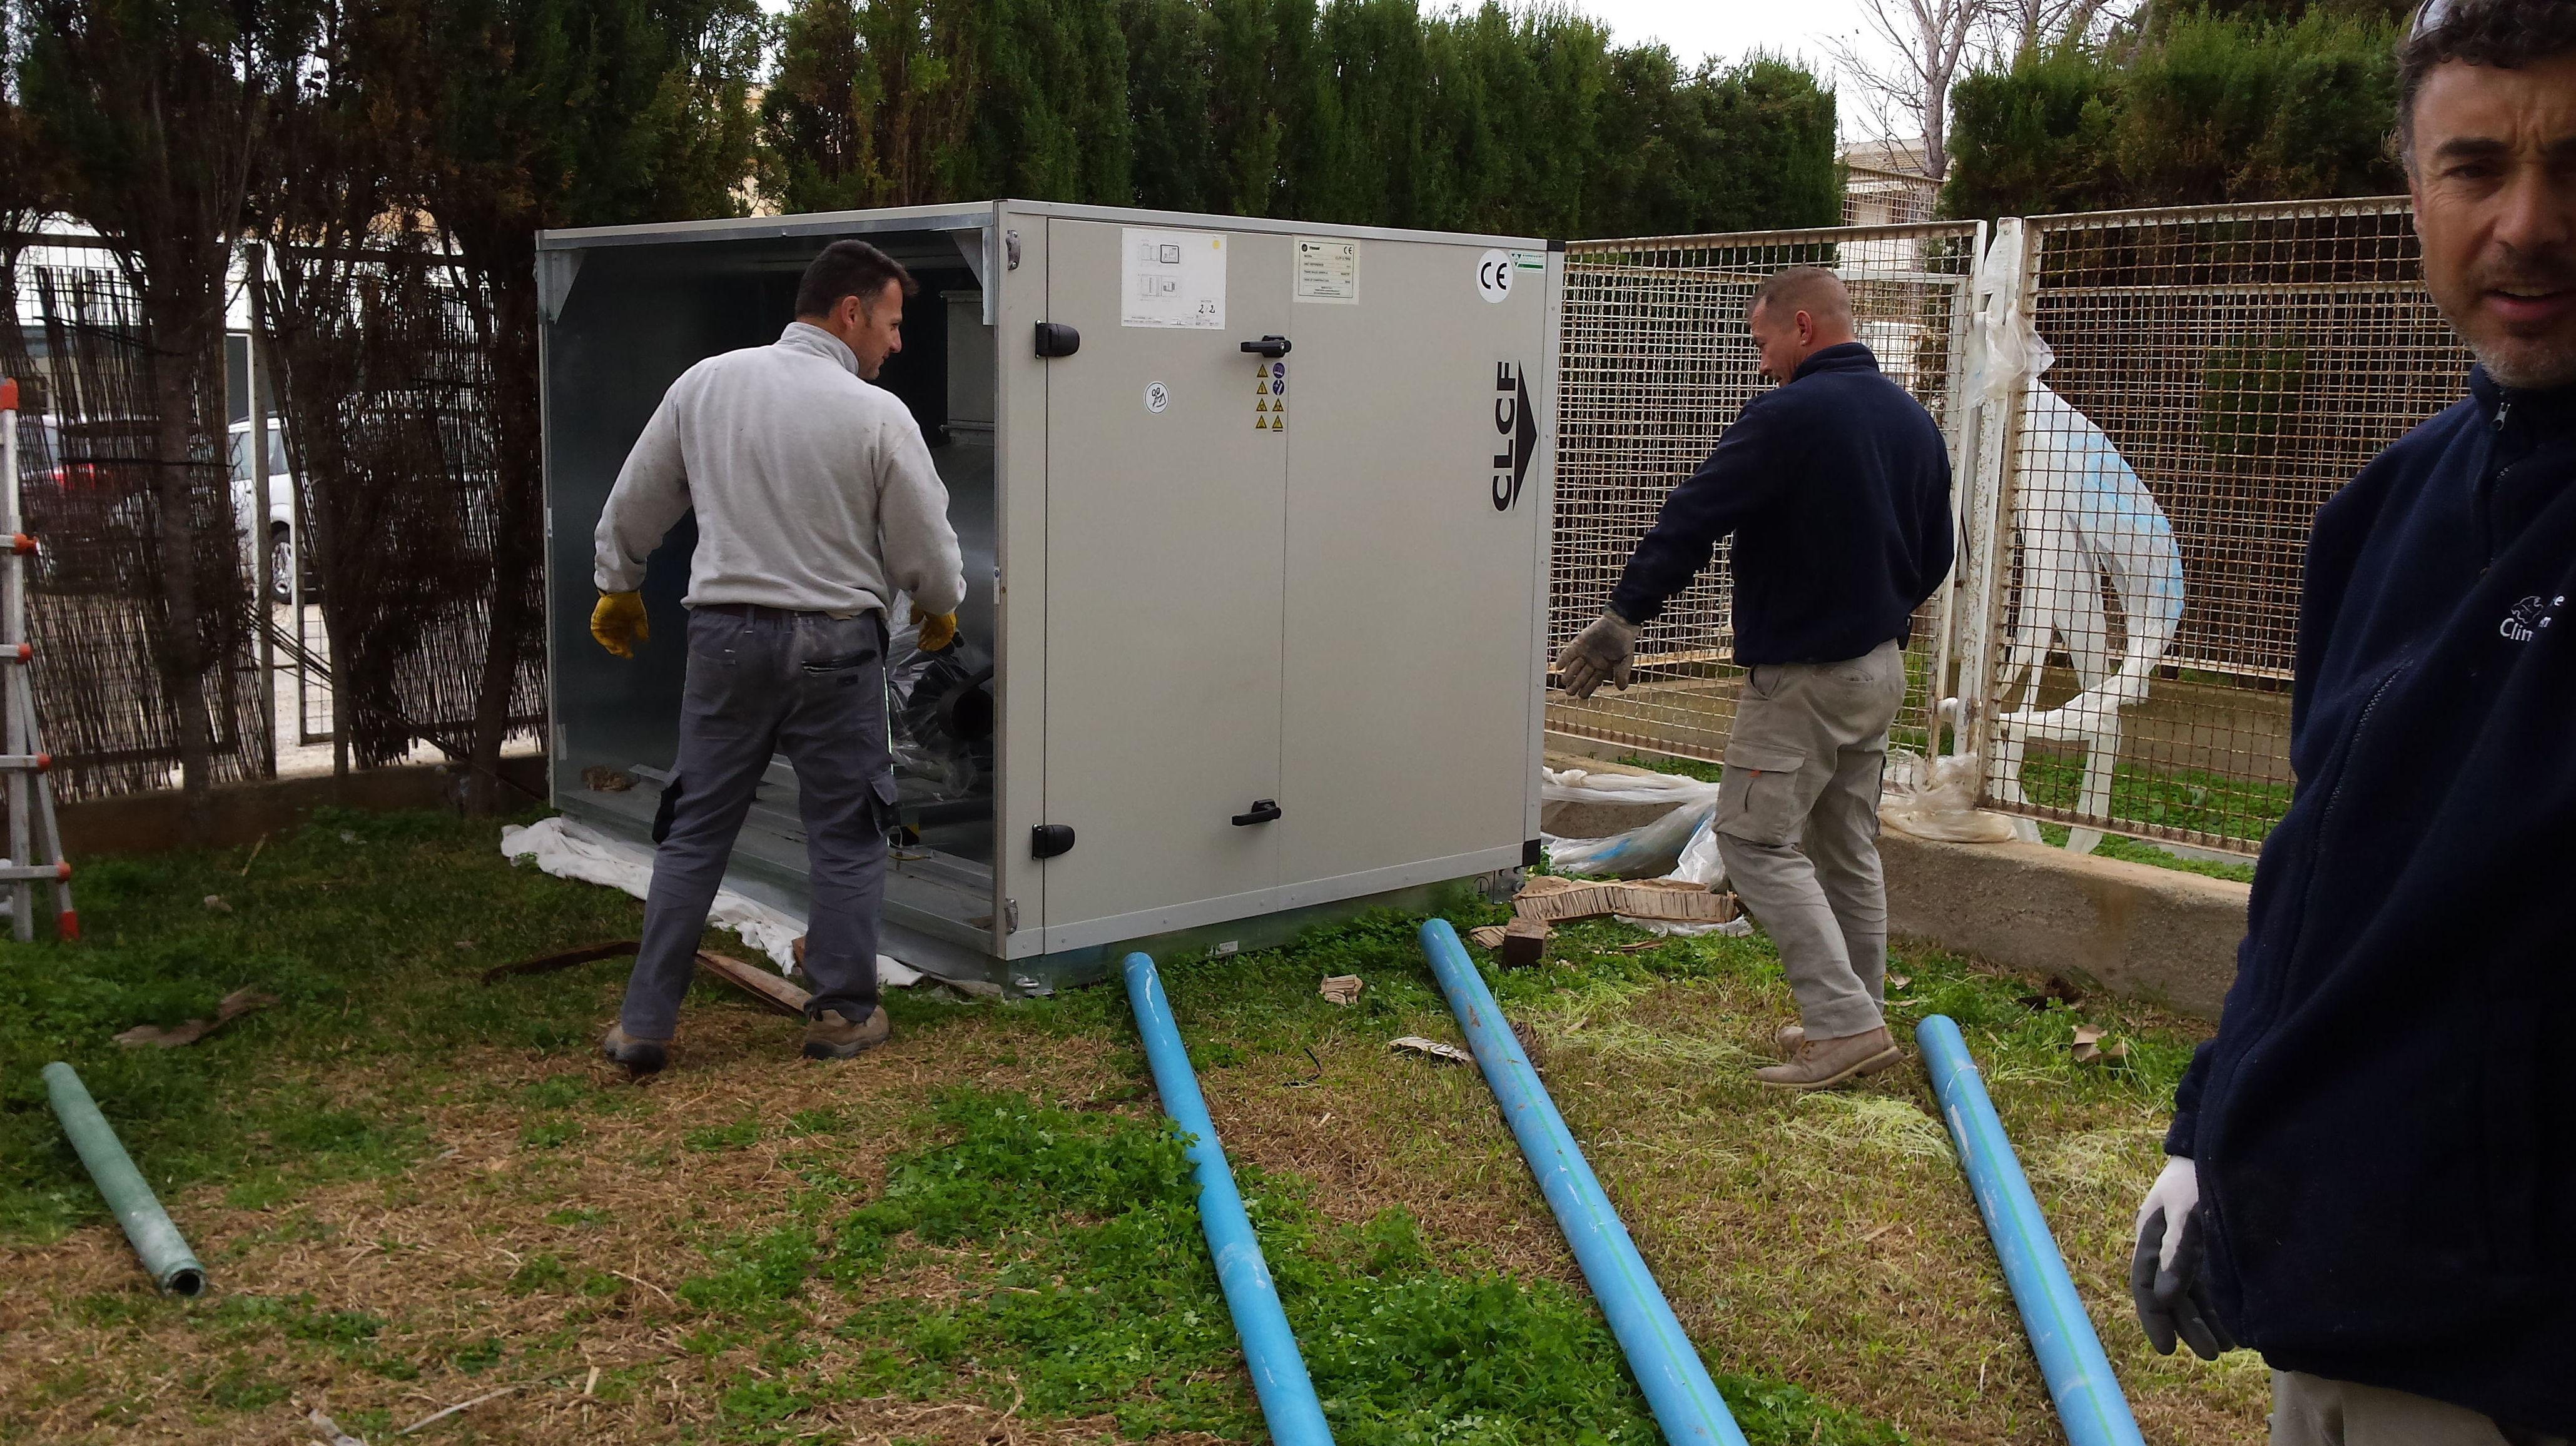 Maniobras puesta a sitio climatizador de 70000 frigorías